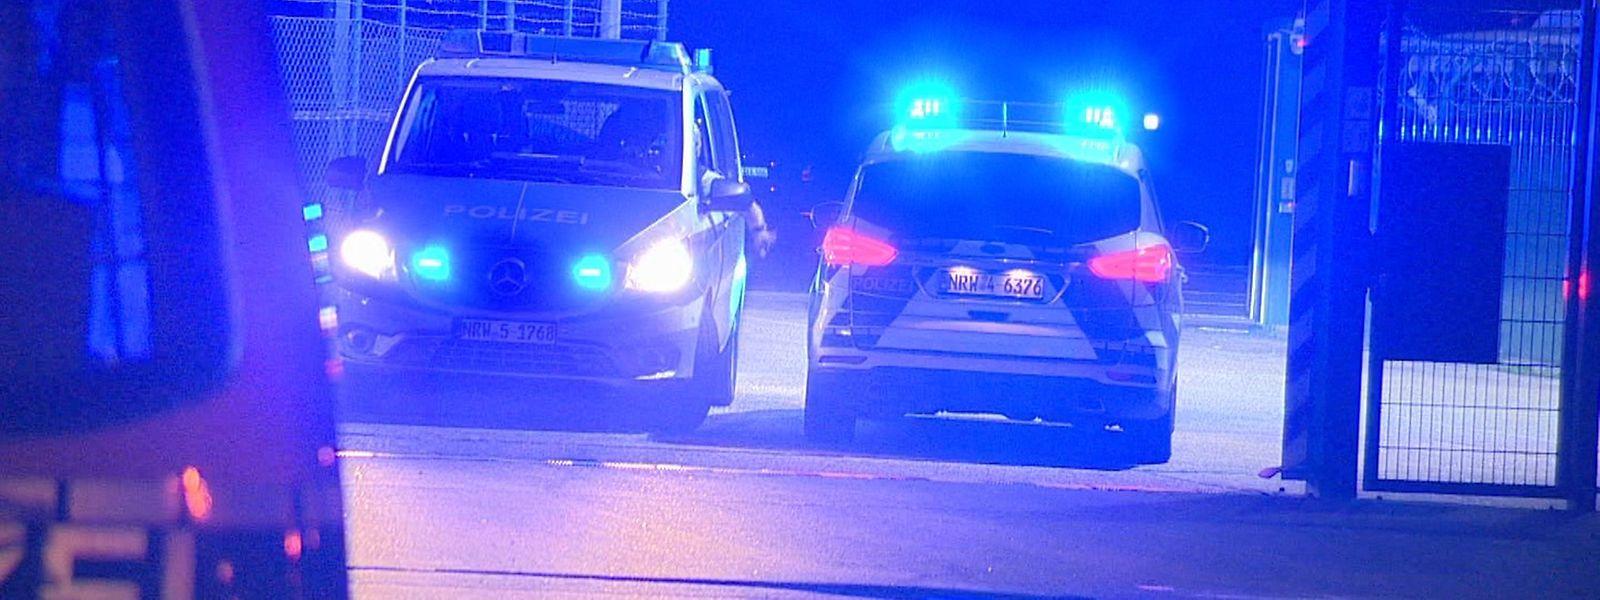 Polizisten passieren in Polizeifahrzeugen ein Tor am Flughafen Weeze.